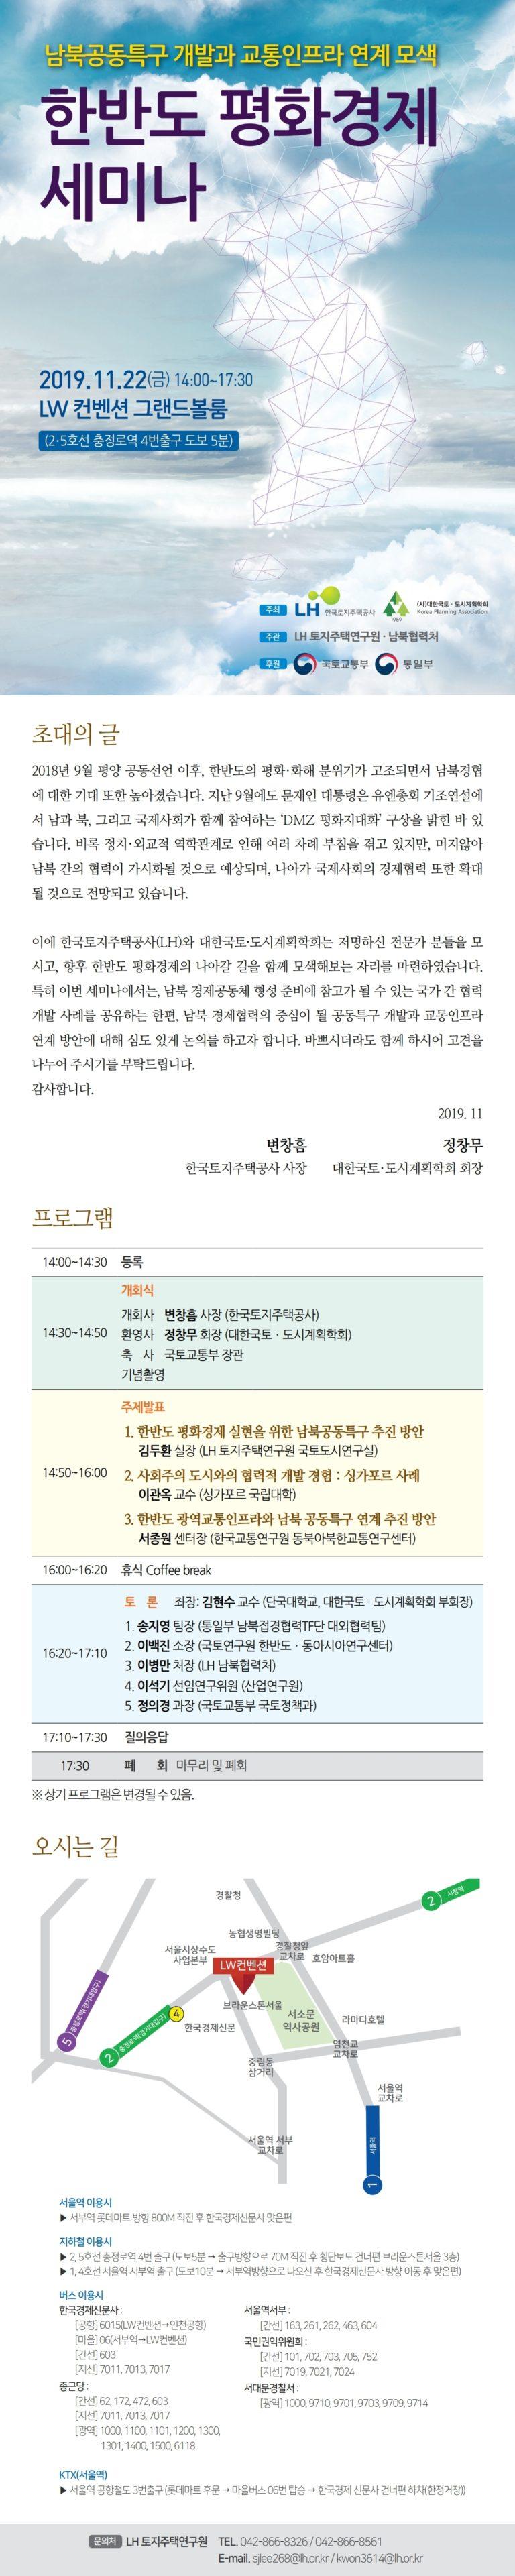 [대한국토·도시계획학회-LH] 한반도 평화경제 세미나 개최